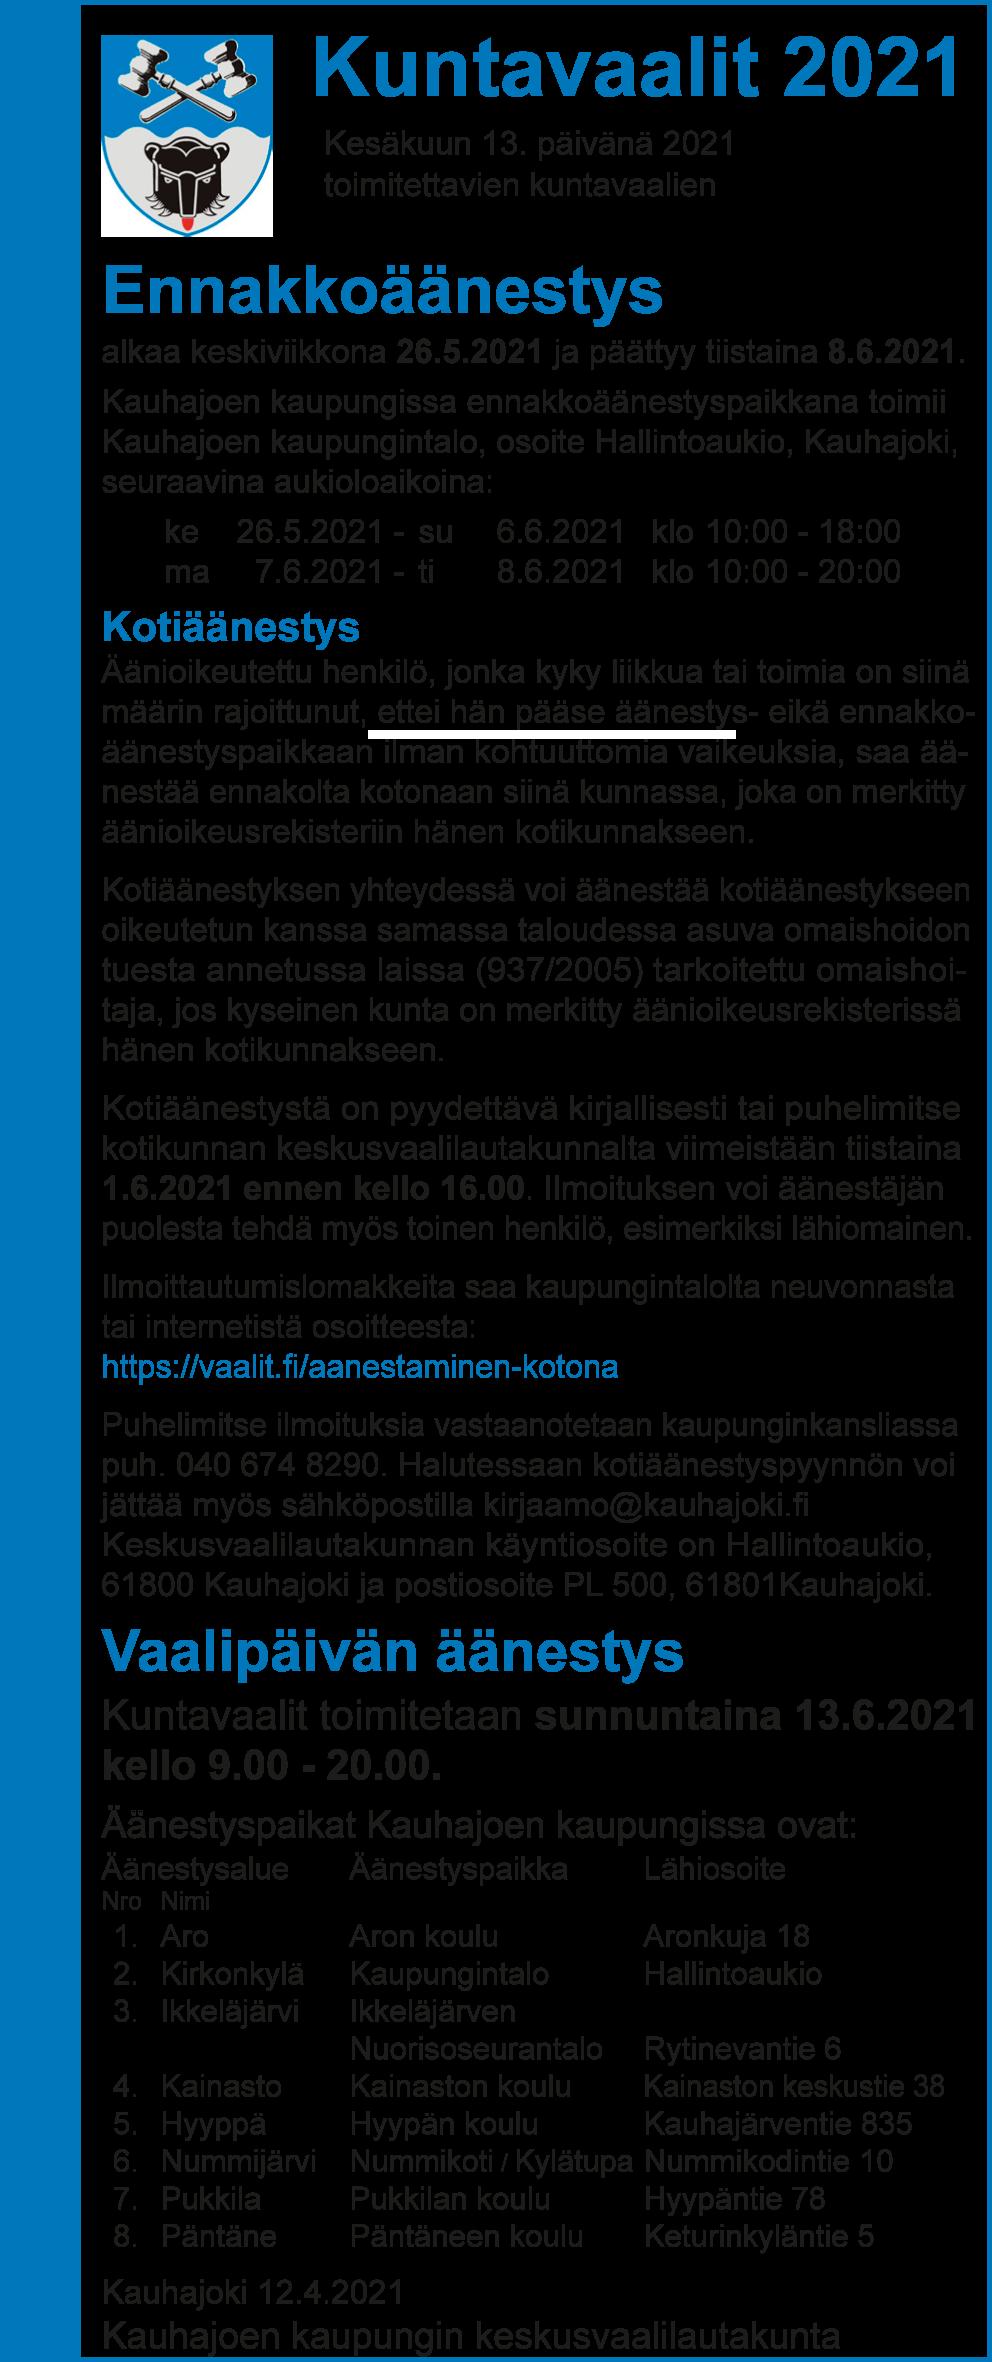 Mainos kuntavaaleista 2021. Selvitys ennakkoääneswtyksesta ja vaalipäivän äänestyspaikoista.